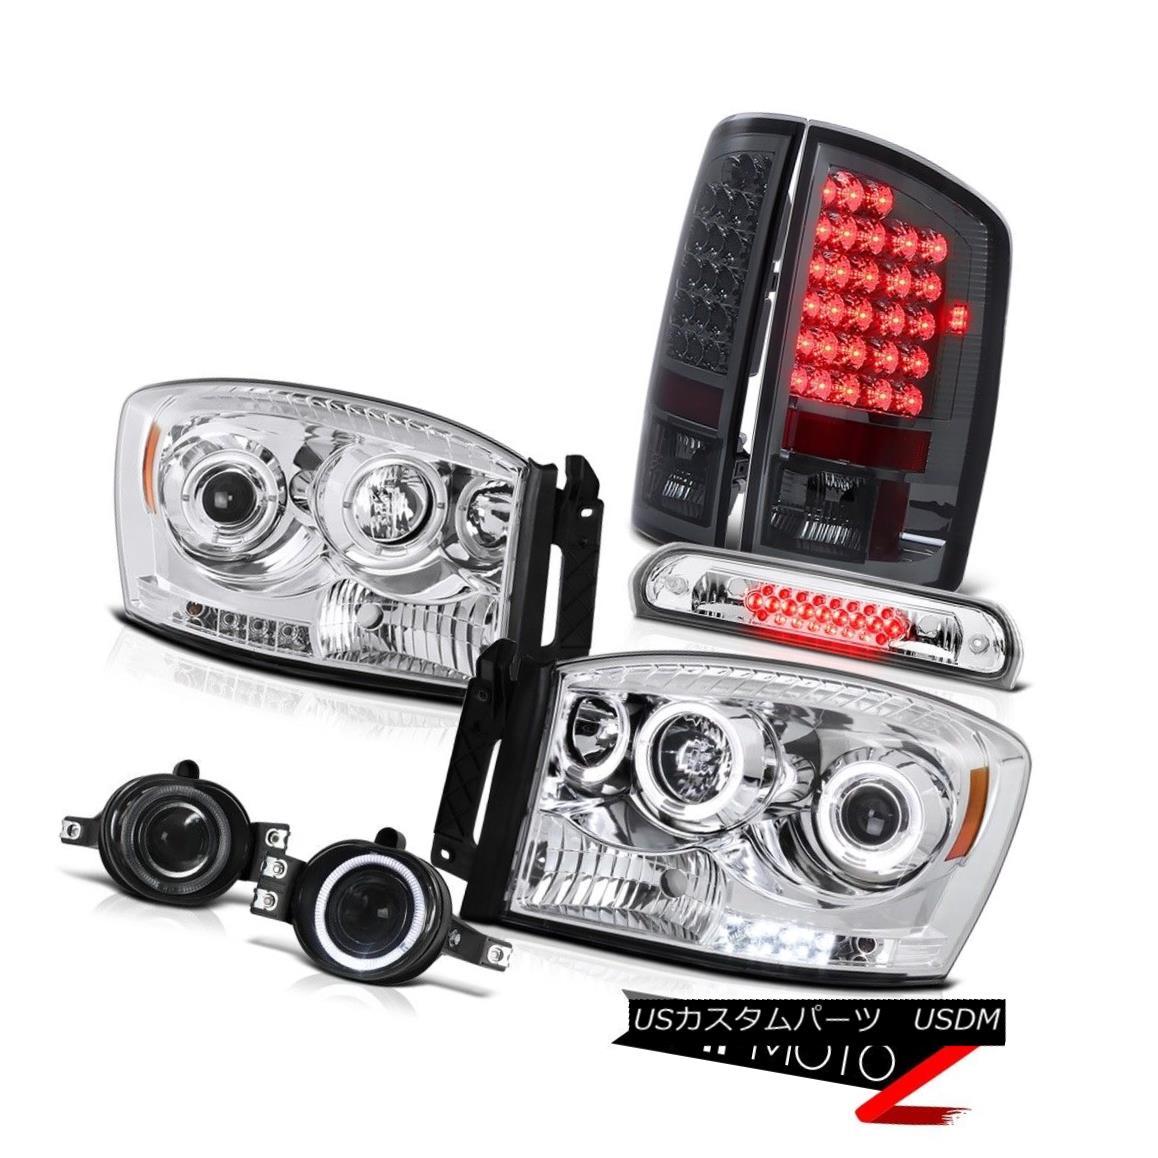 テールライト Twin LED Headlamp Smoked Taillamp Foglight High Stop Chrome 2006 Dodge Ram V6 ツインLEDヘッドランプスモークTaillamp Foglightハイストップクロム2006 Dodge Ram V6